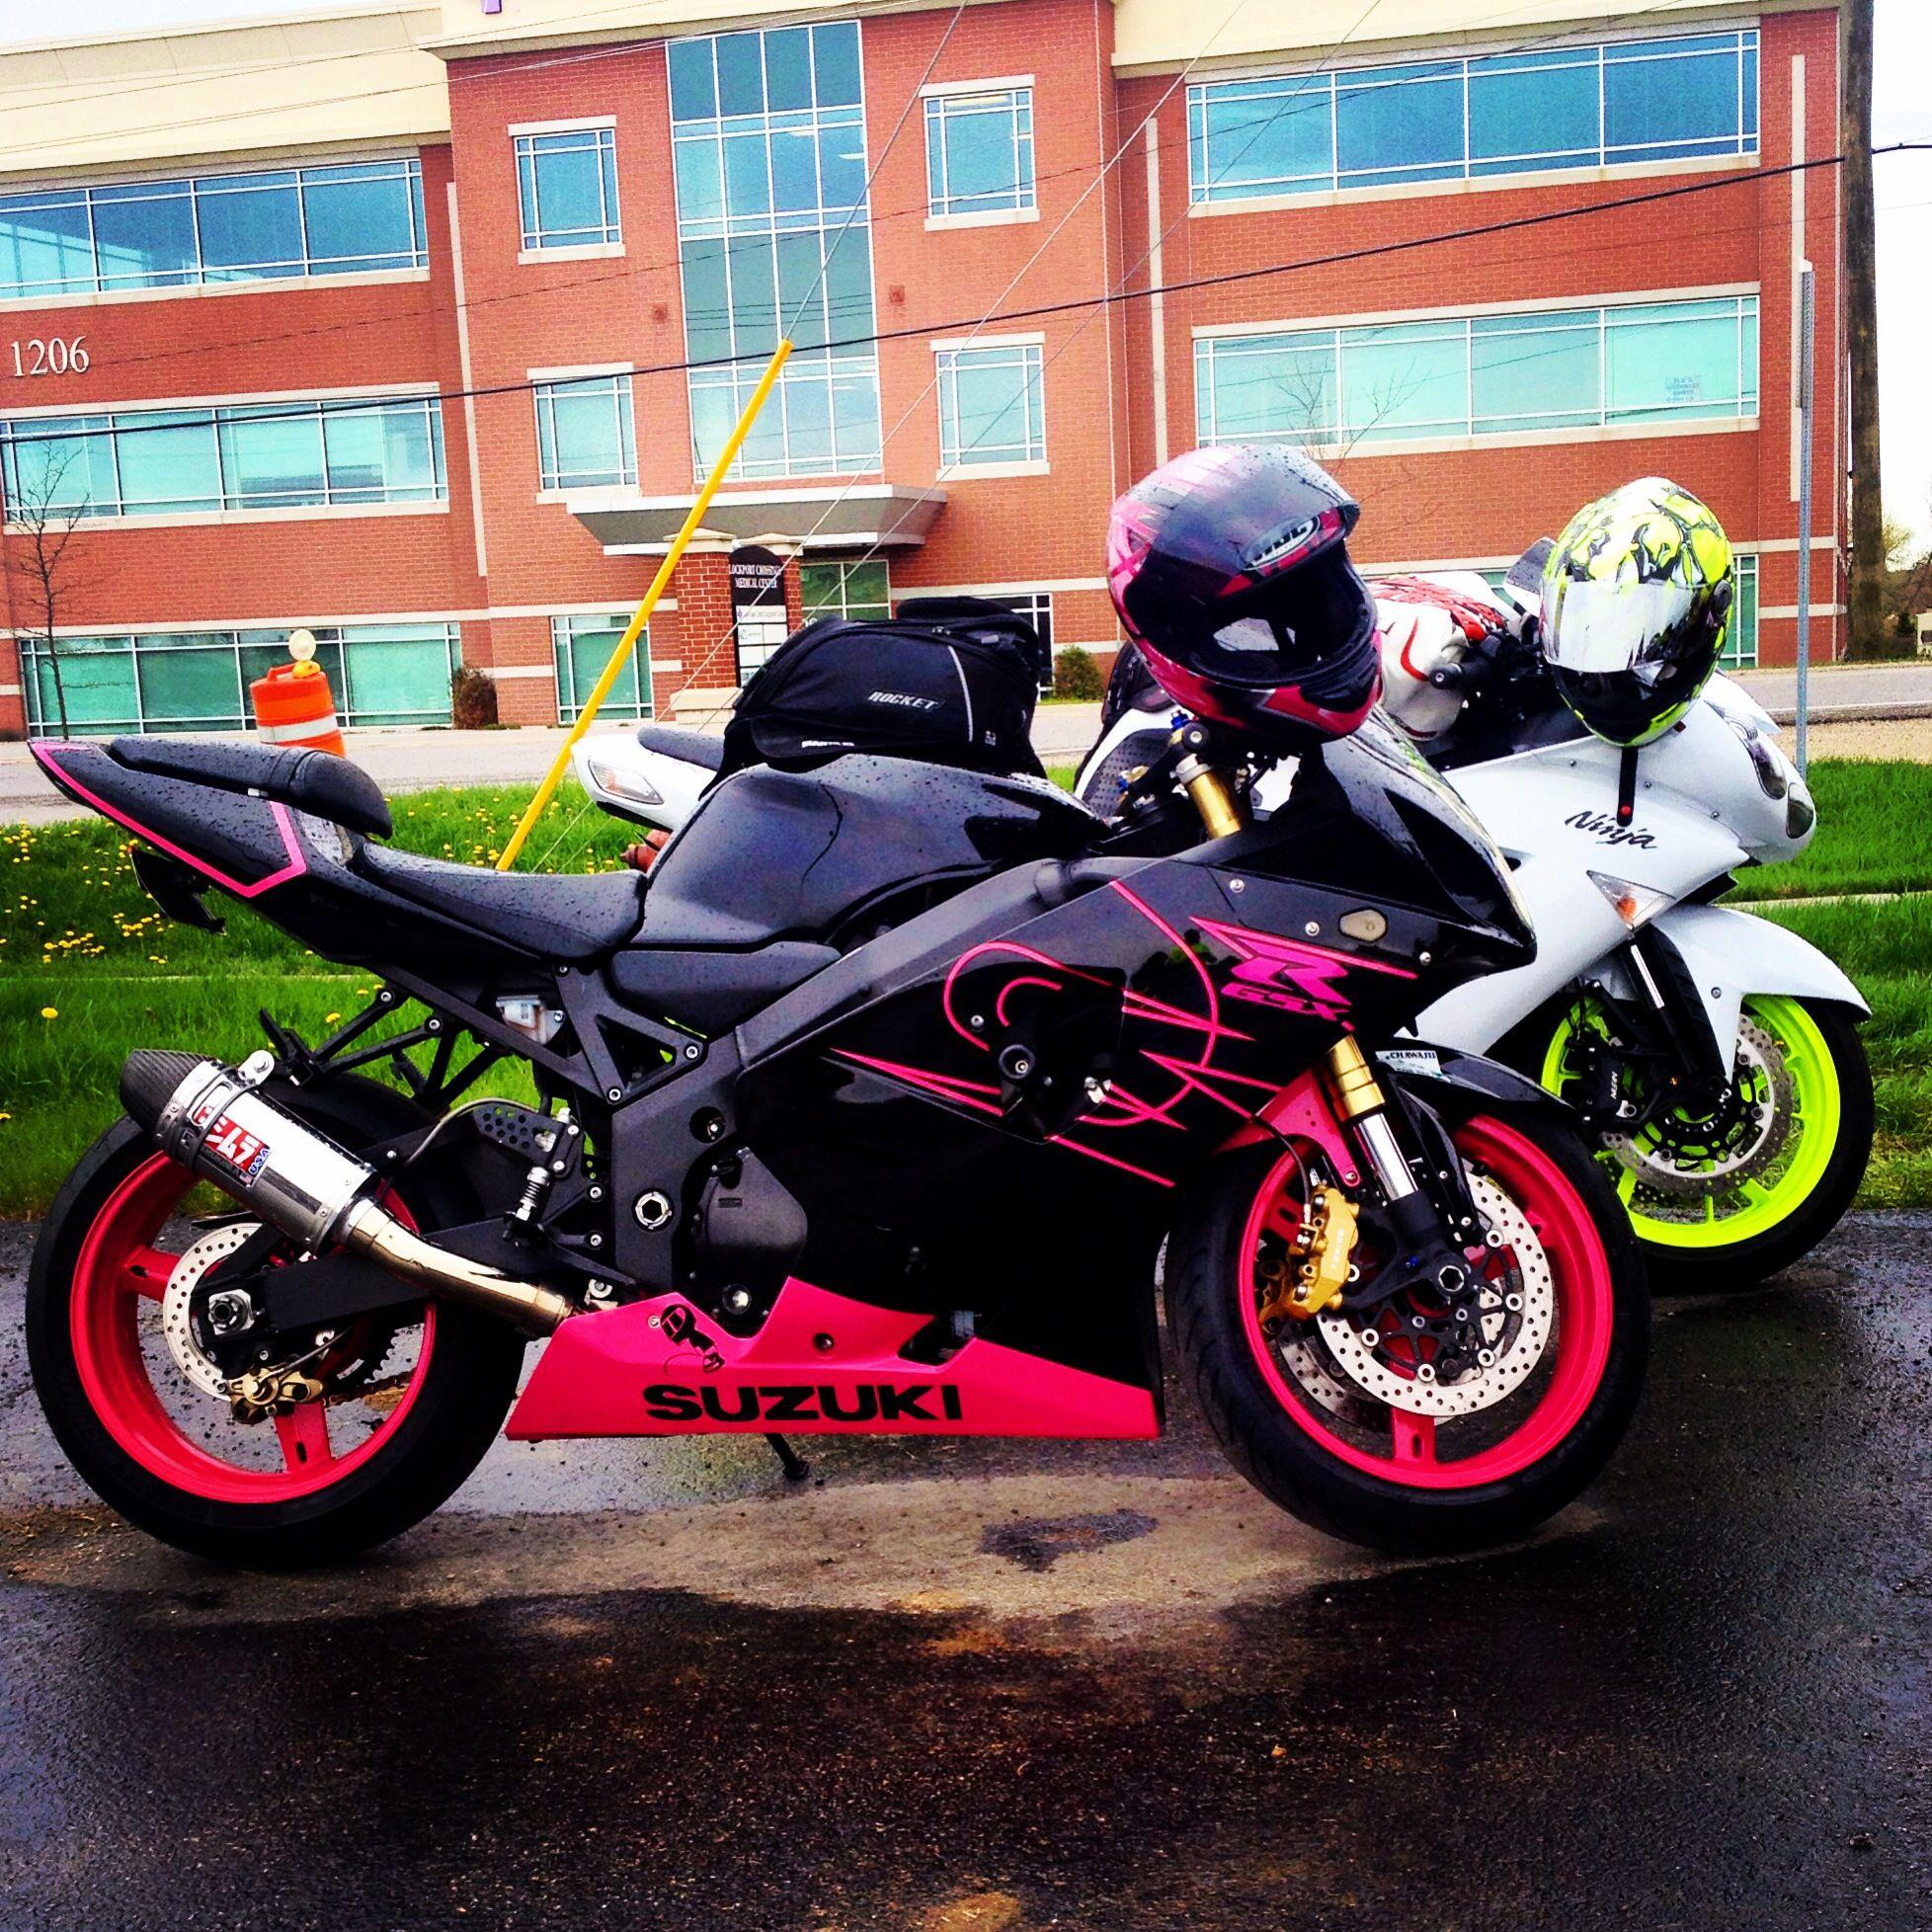 Suzuki GSX-R 600 2004 pink and black motorcycle! Skittles ...